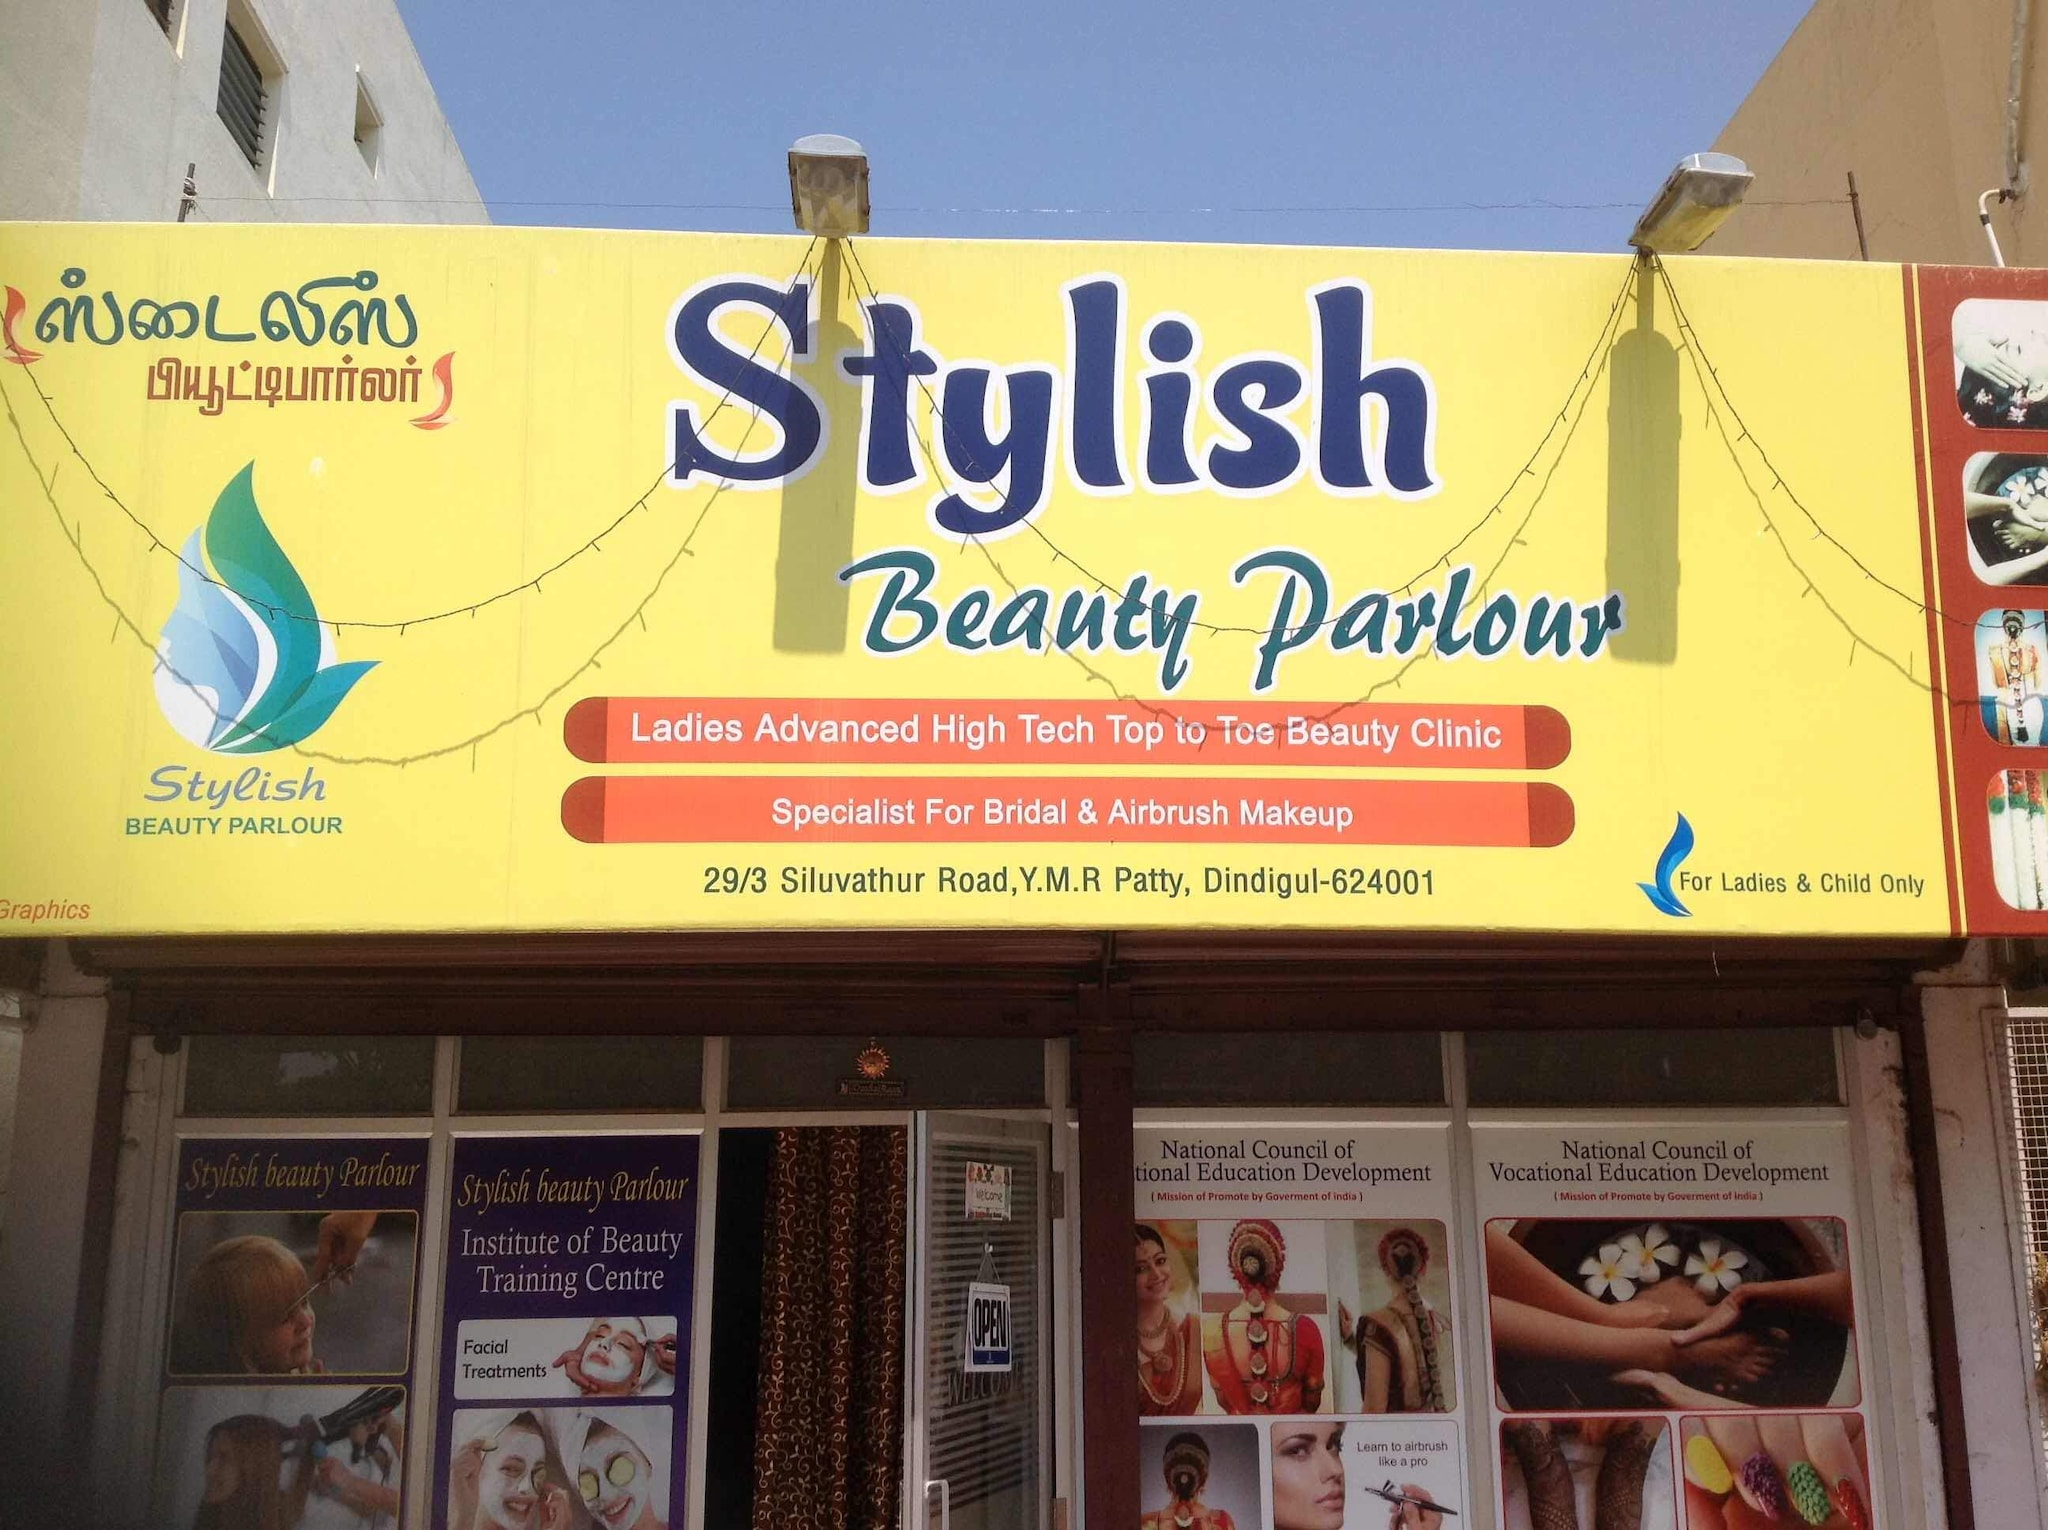 Stylish Beauty Parlour, YMR Patti Dindigul - Beauty Parlours in